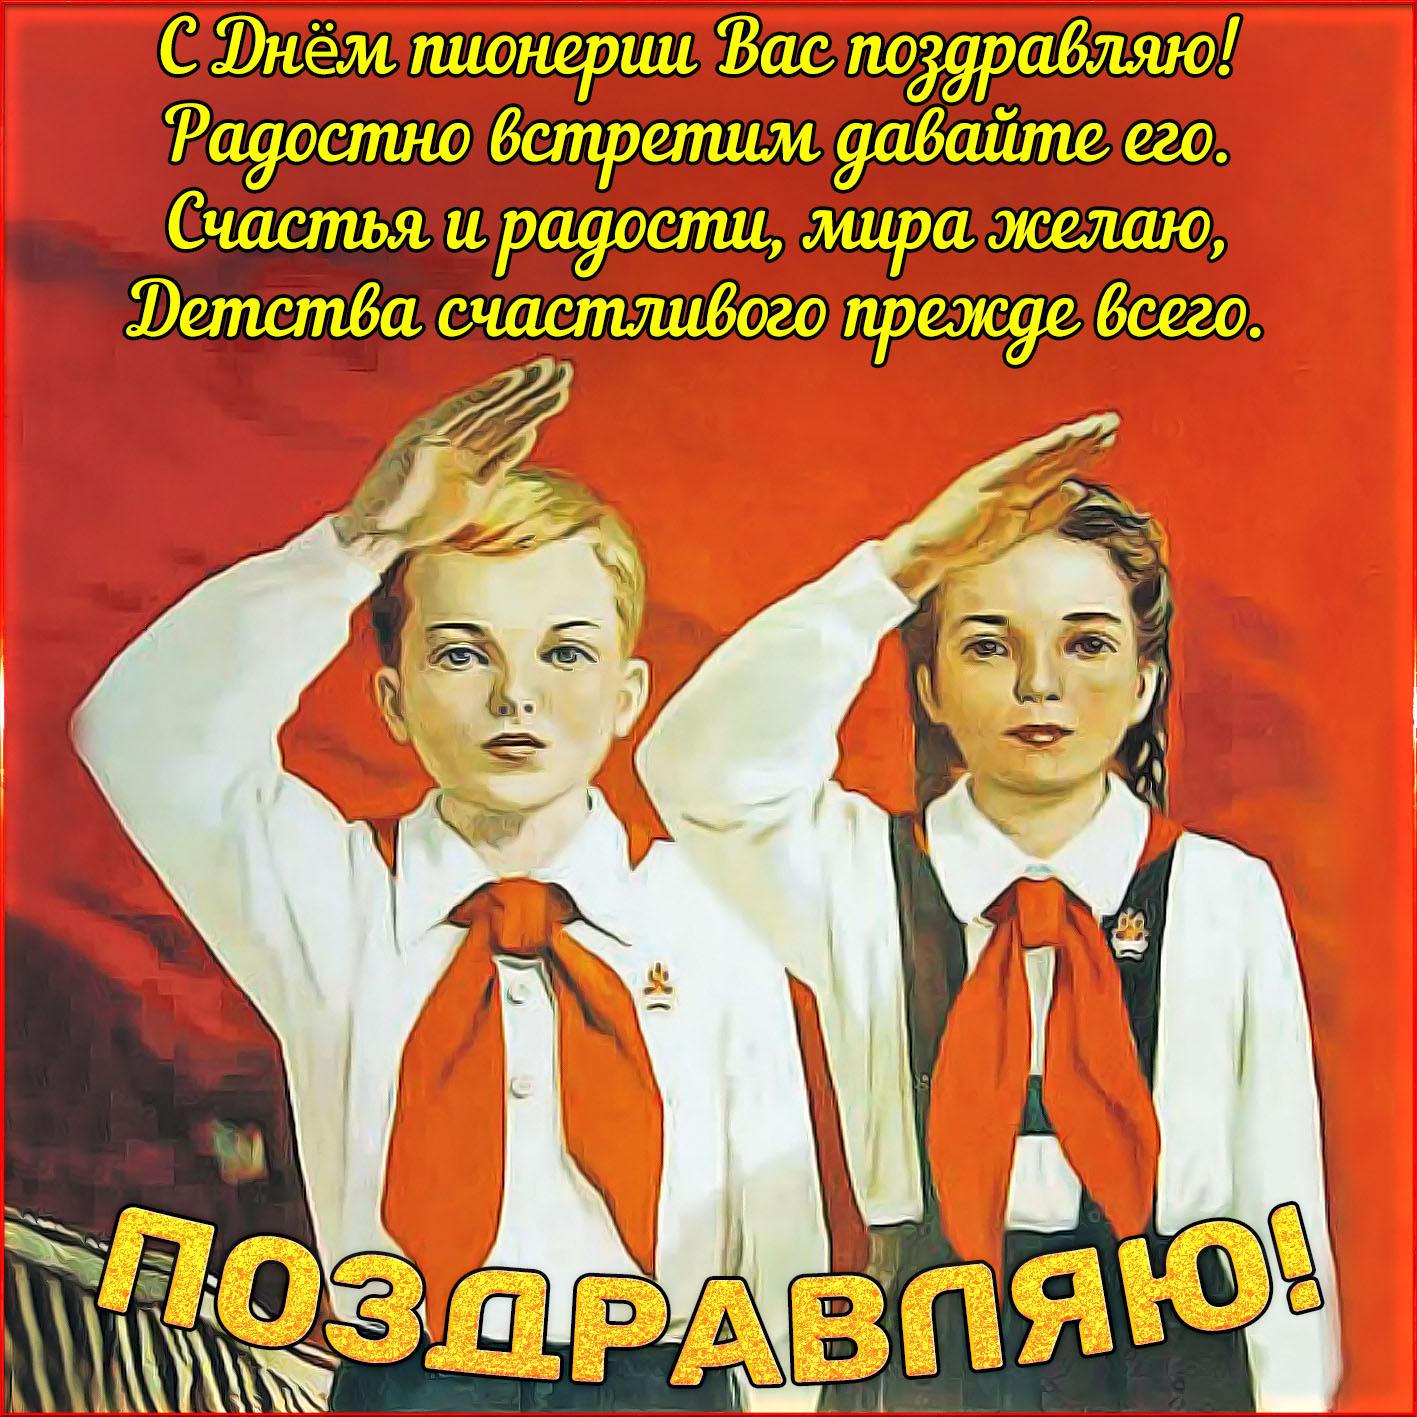 Сделать красивую, ретро открытки плакаты к дню пионерии